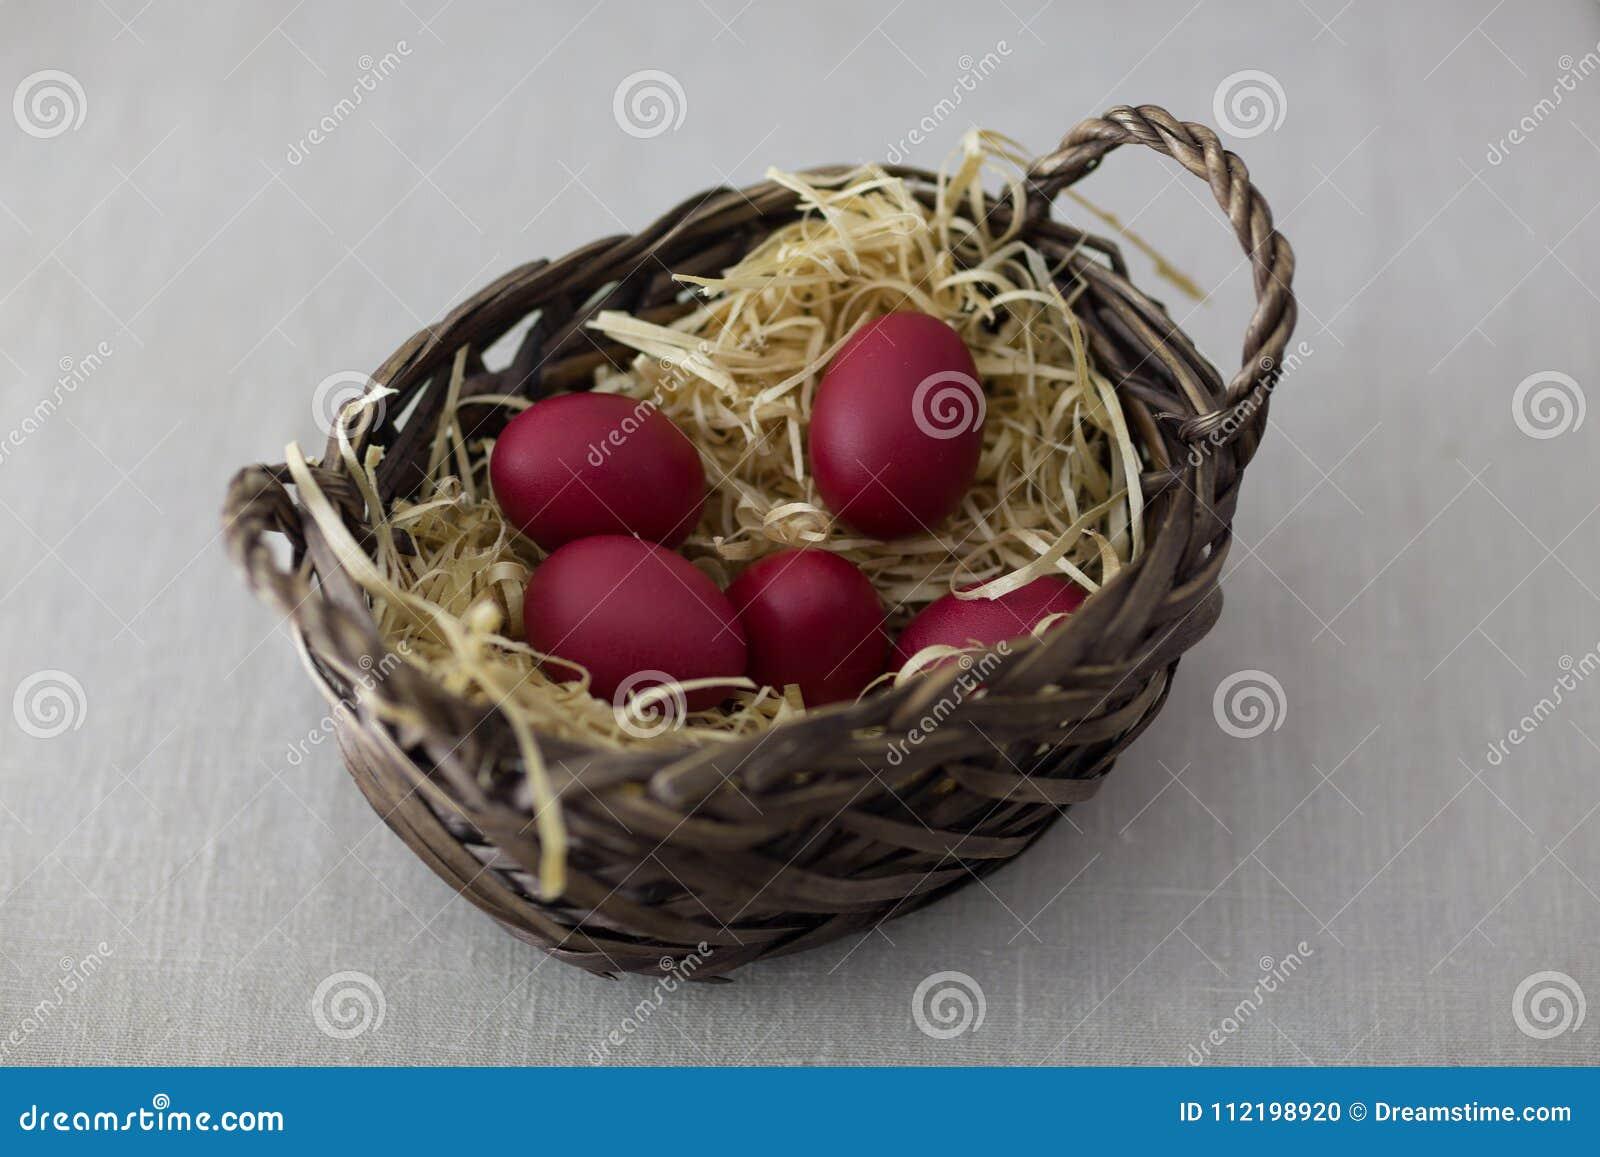 Uova di Pasqua In un cestino